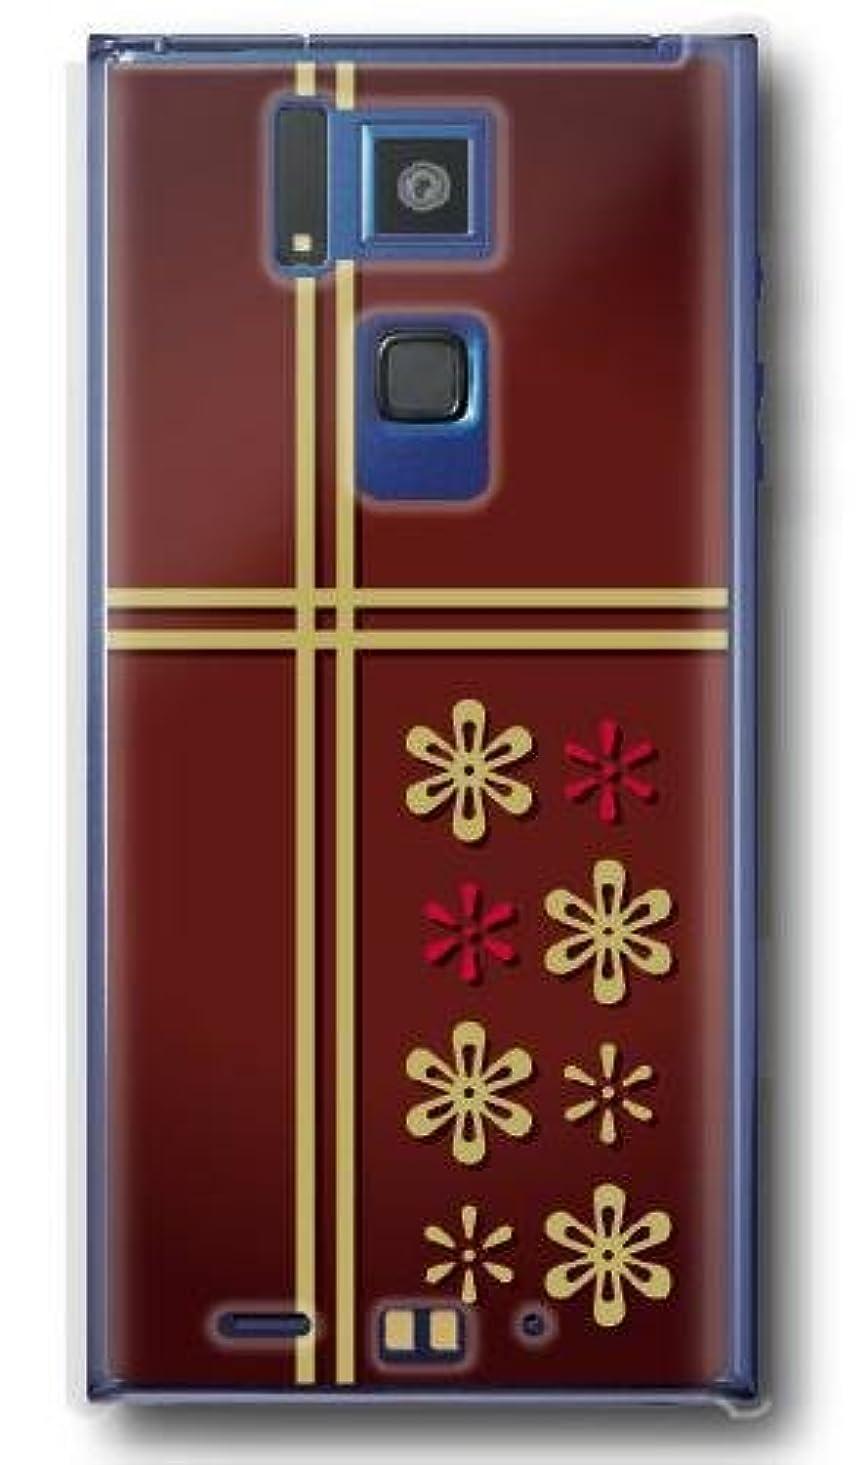 ゴム類似性水陸両用【Paiiige】 ウルシバコ (クリア)/ for REGZA Phone T-02D/Docomo専用ケース DCT02D-101-A036